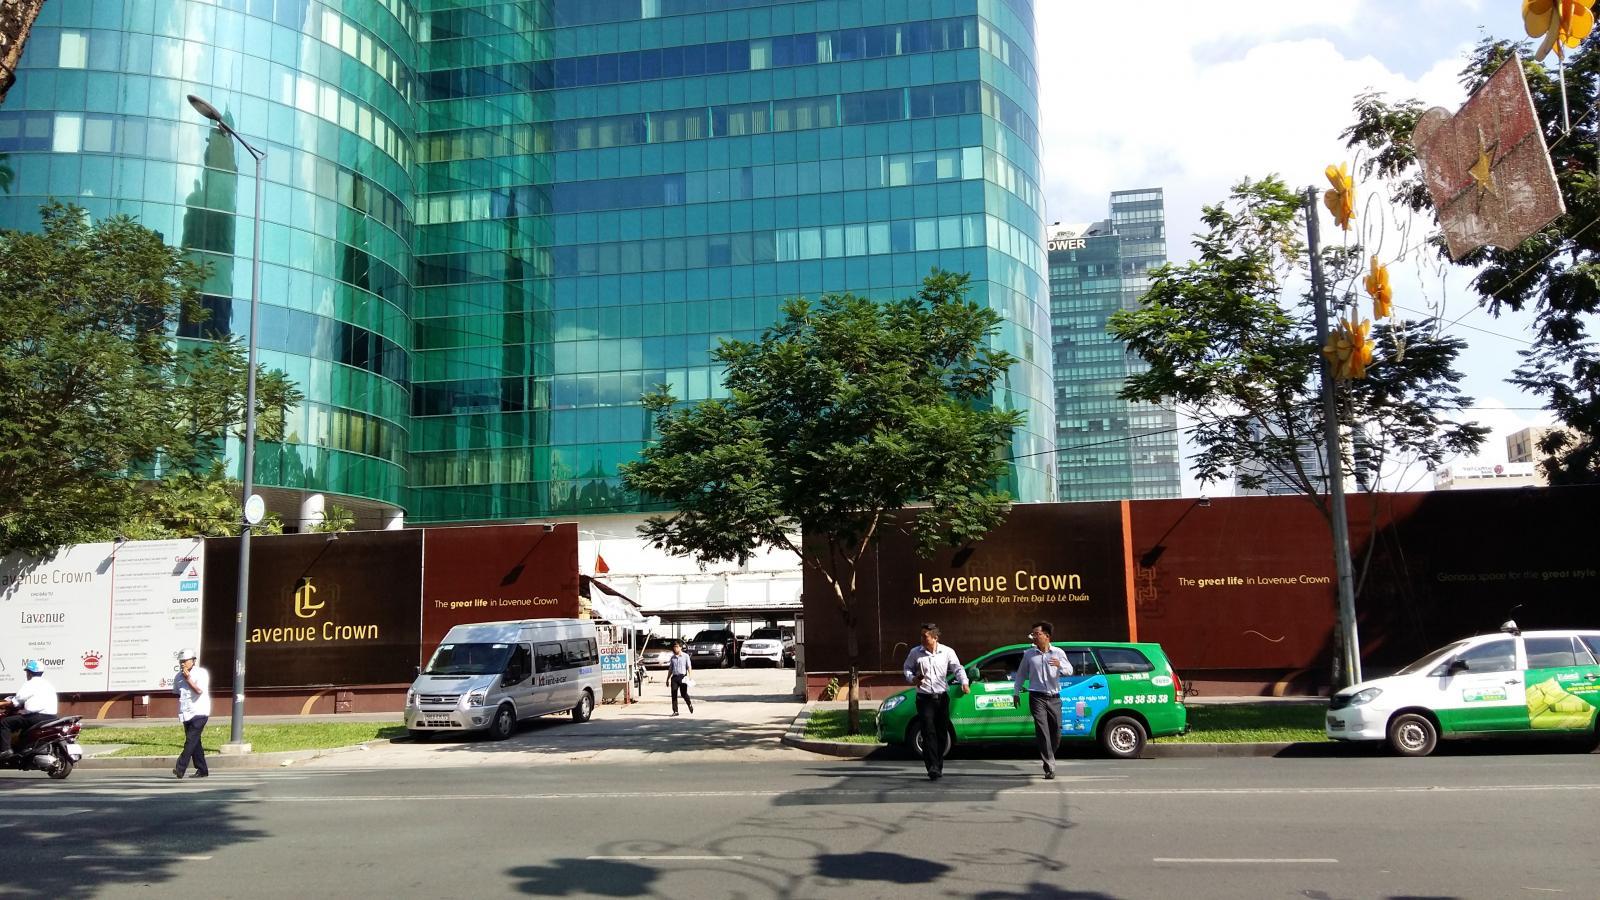 Bên dưới một tòa nhà văn phòng ốp kính, cổng vào, người đi lại, xe ô tô.  Đầu tư bất động sản sẽ chậm lại trong nửa đầu năm 2020 20200323100636 355a